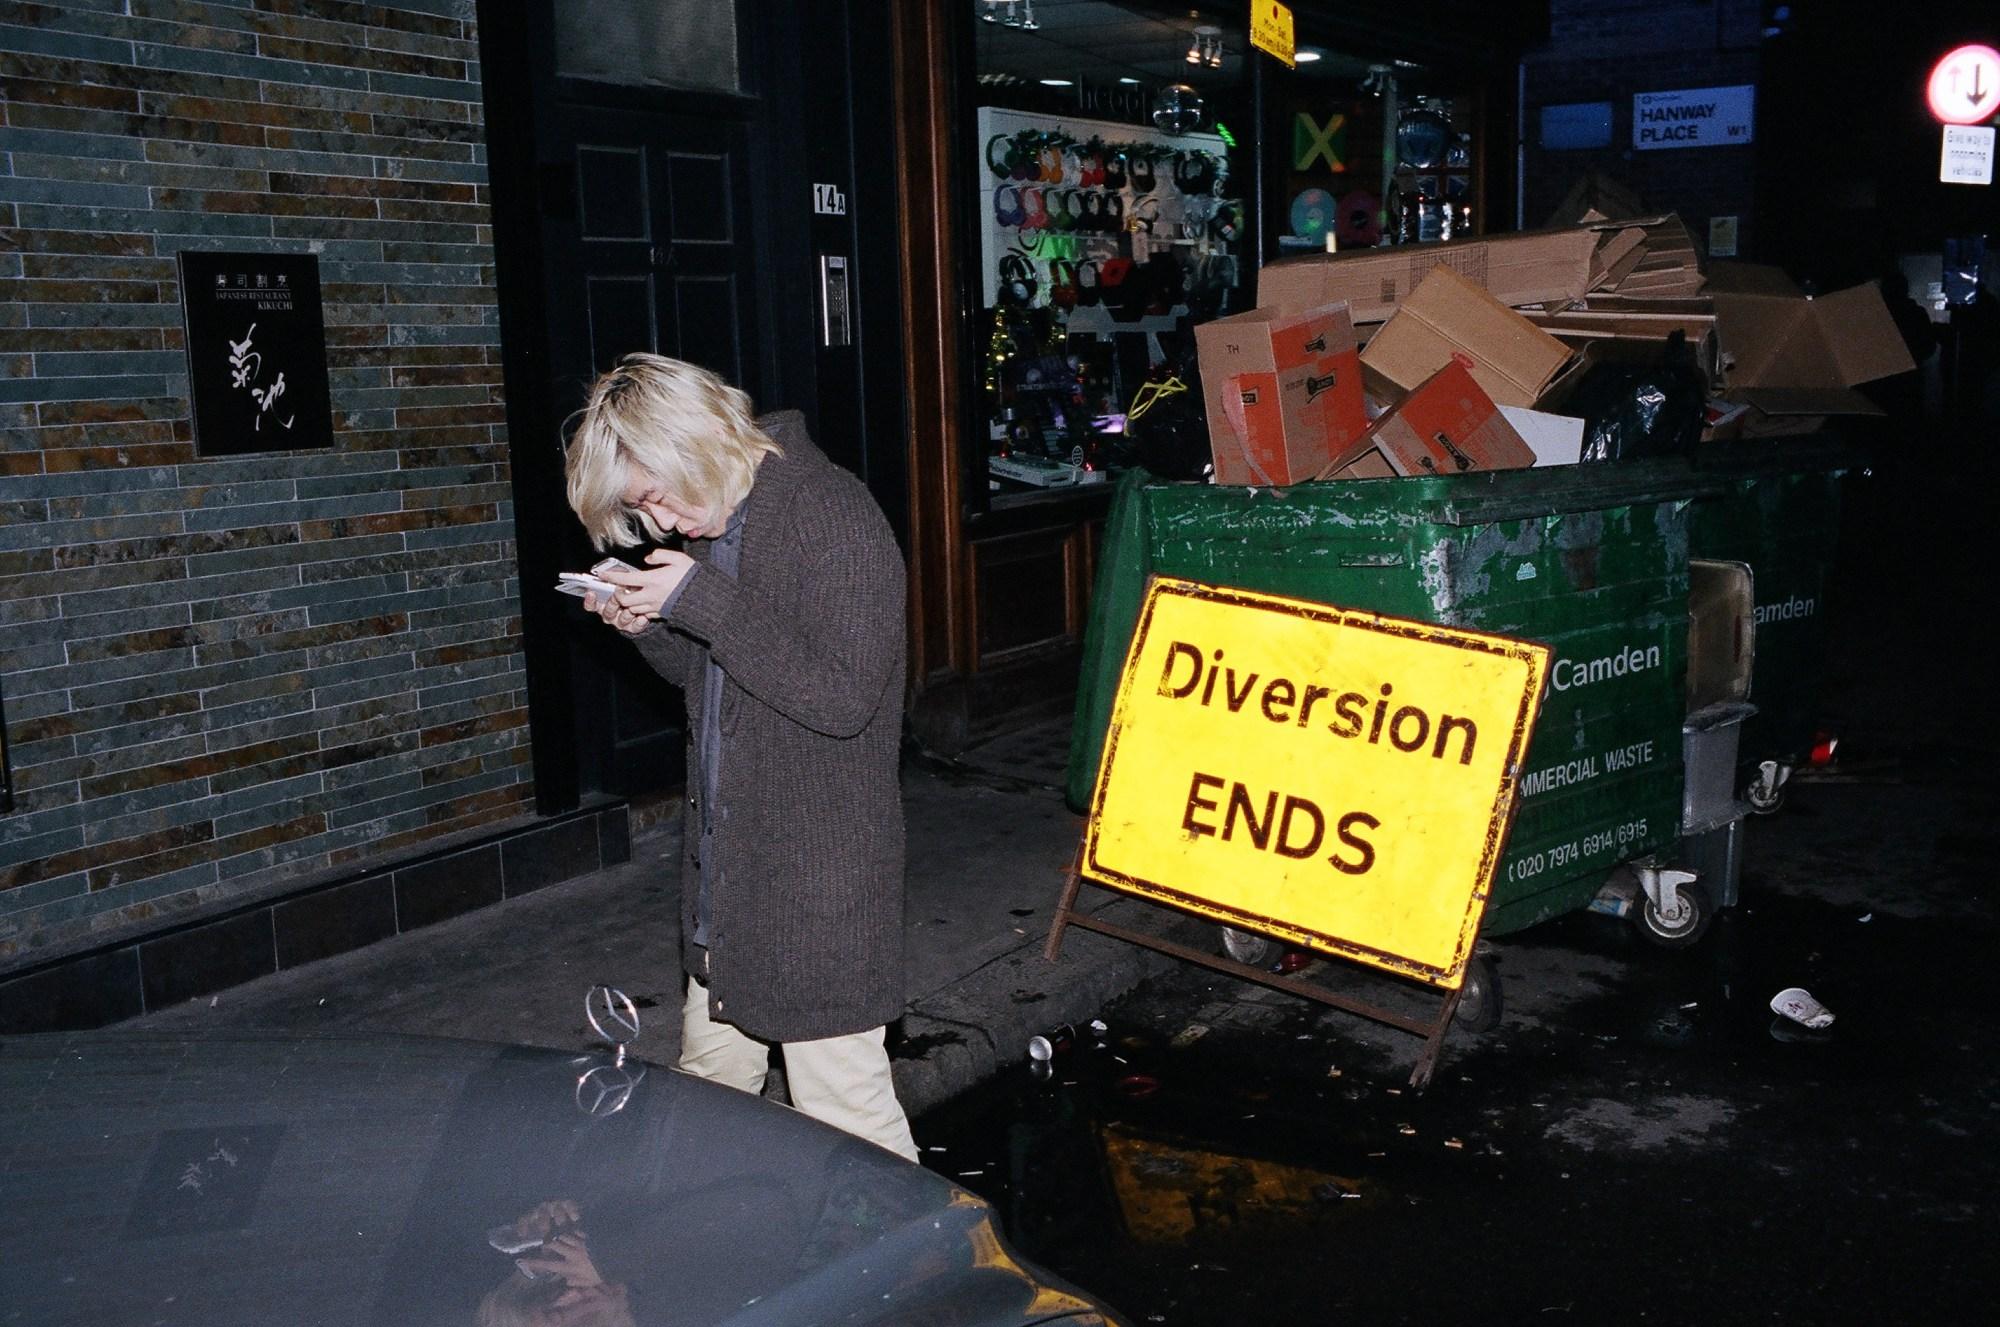 Diversion ends.